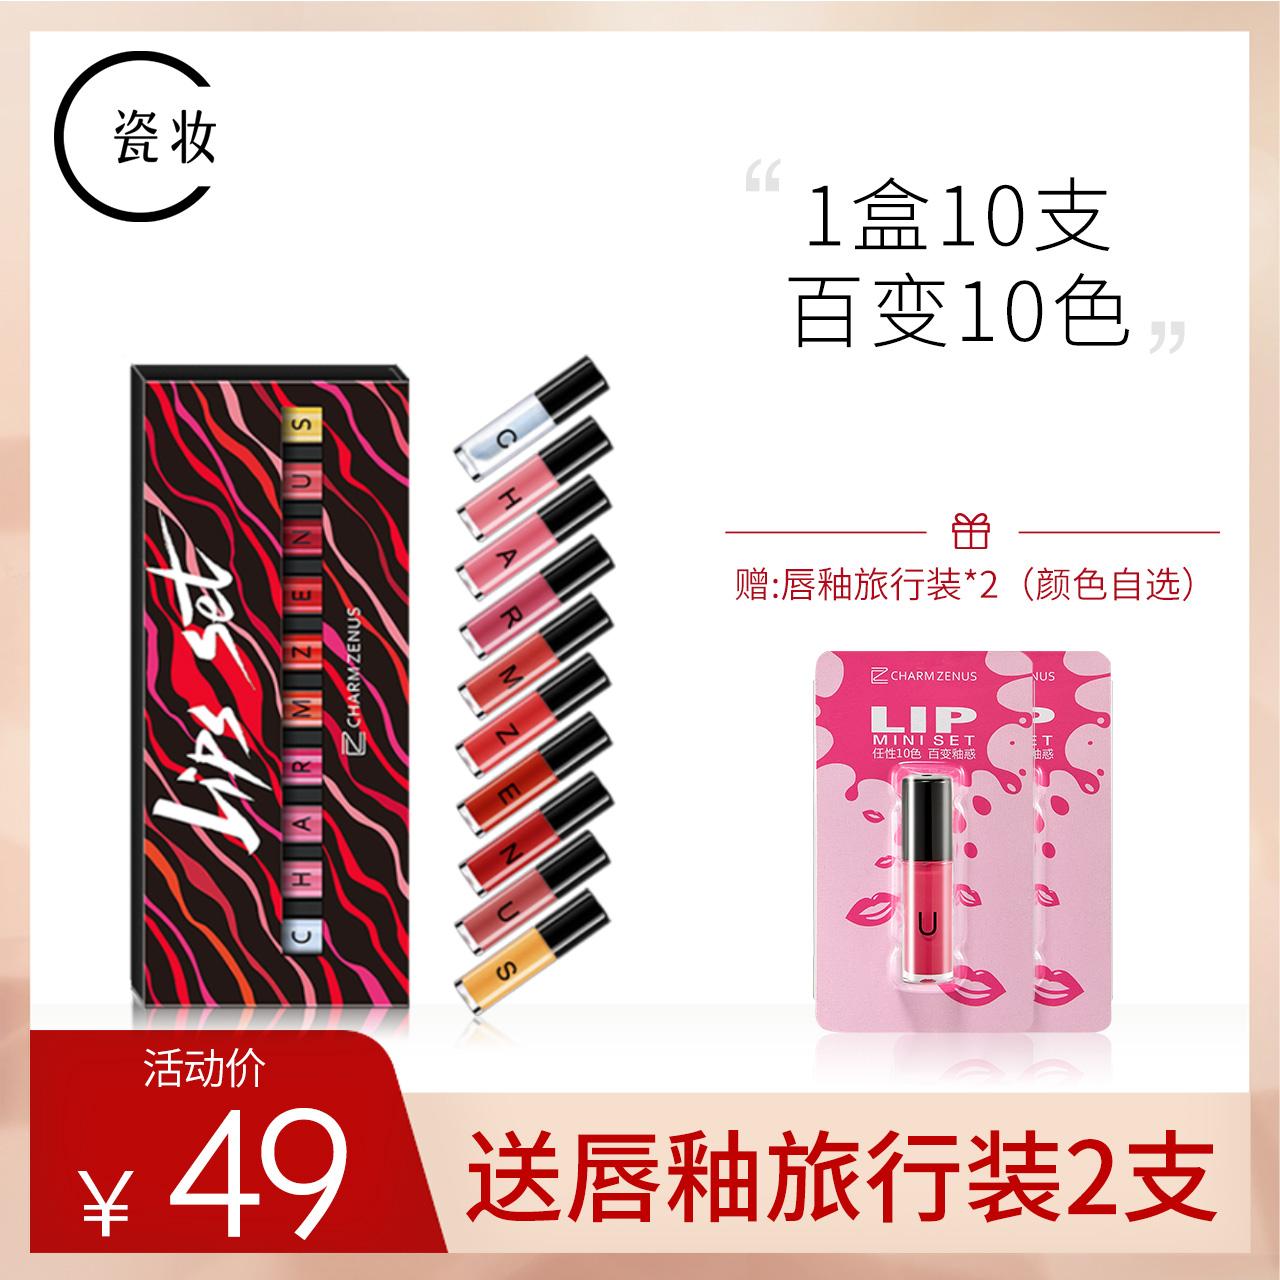 瓷妆法国小众外壳好看的唇釉平价套装女学生唇彩组合口红套盒唇蜜